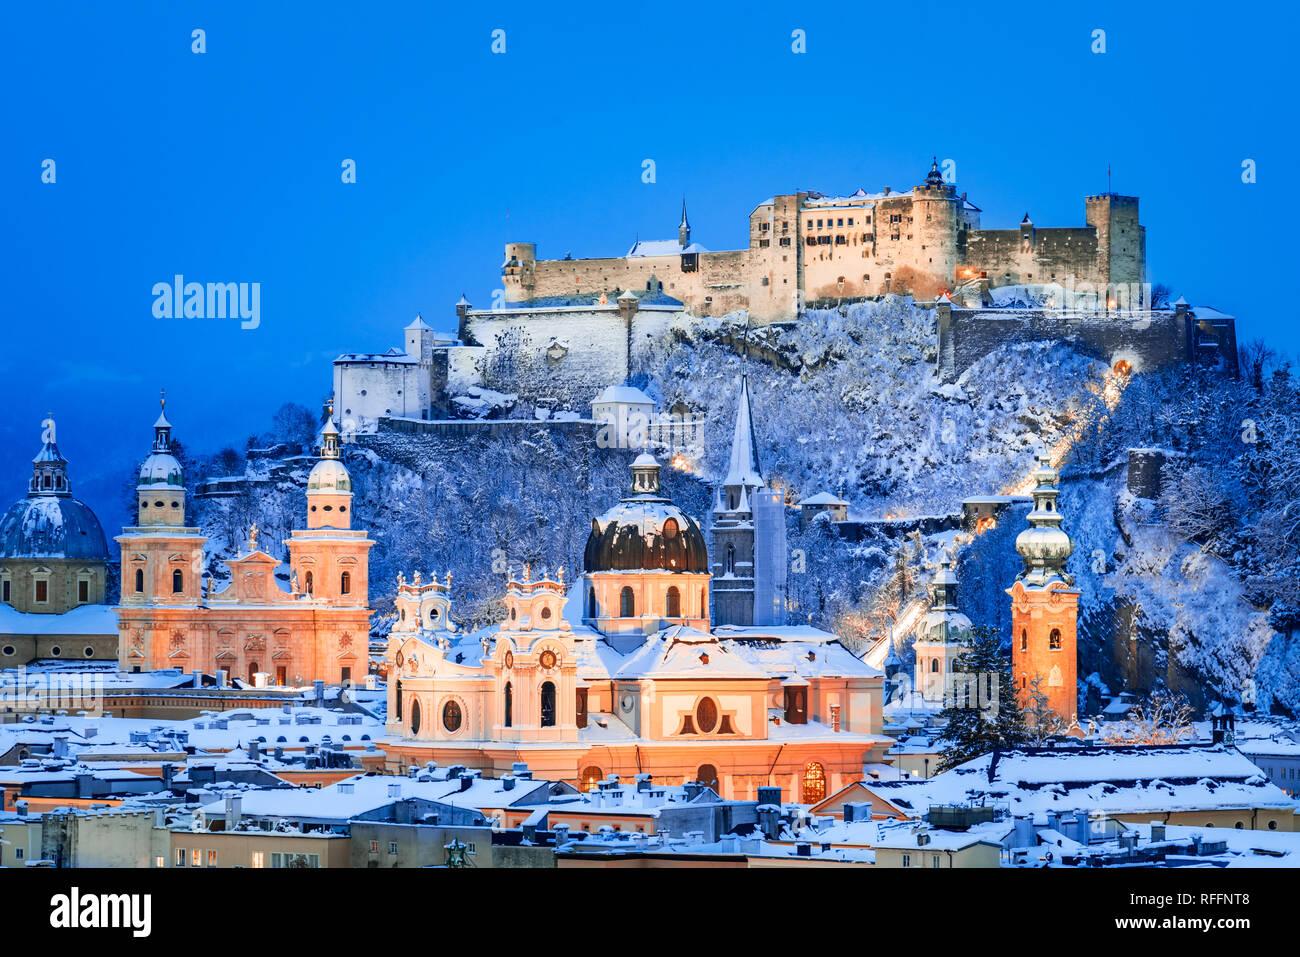 Salzburg, Österreich: Winter Überblicküber die historische Stadt Salzburg mit berühmten Festung Hohensalzburg und Salzach im wunderschönen Dämmerung leuchtet Stockfoto